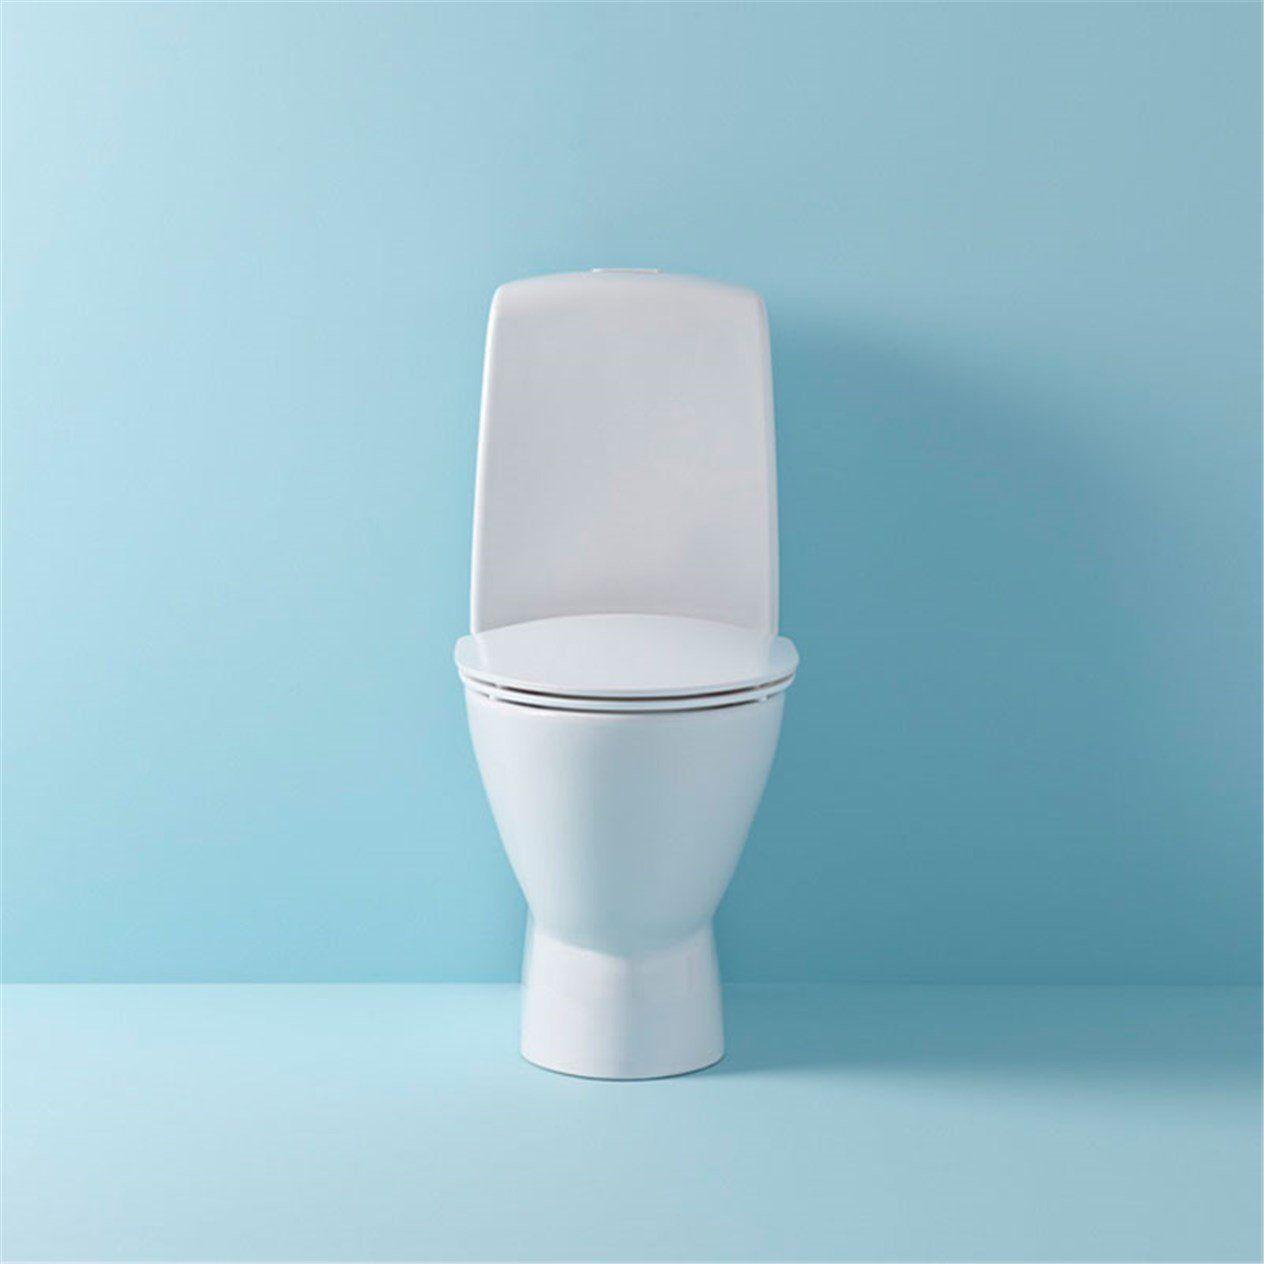 Toalettstol Ifö Spira Art 6240 Rimfree 6143531 | Idéer för hemmet ...